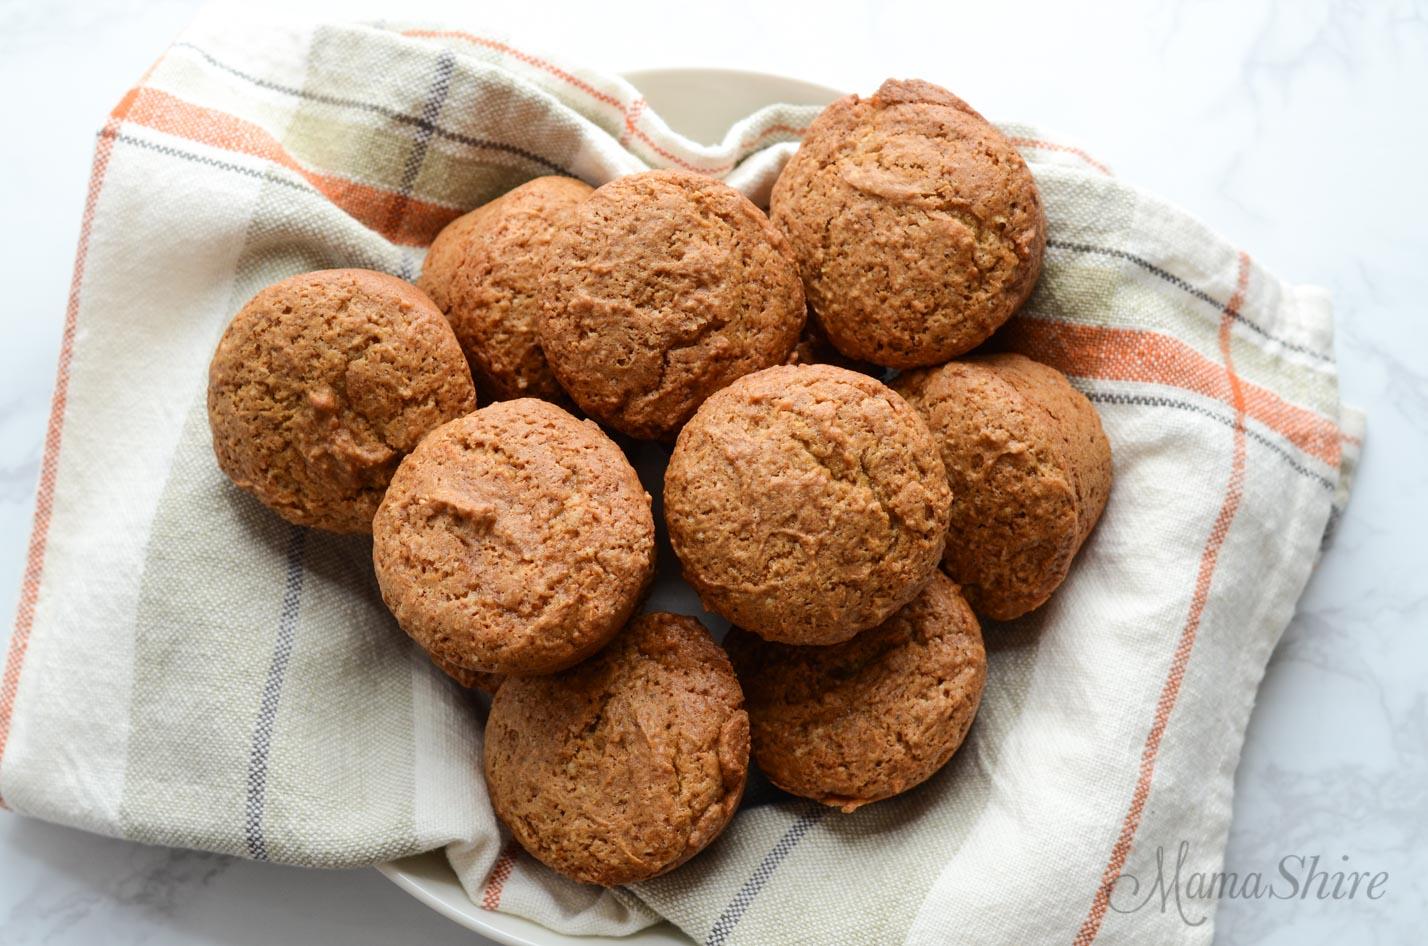 A basket of gluten-free muffins.